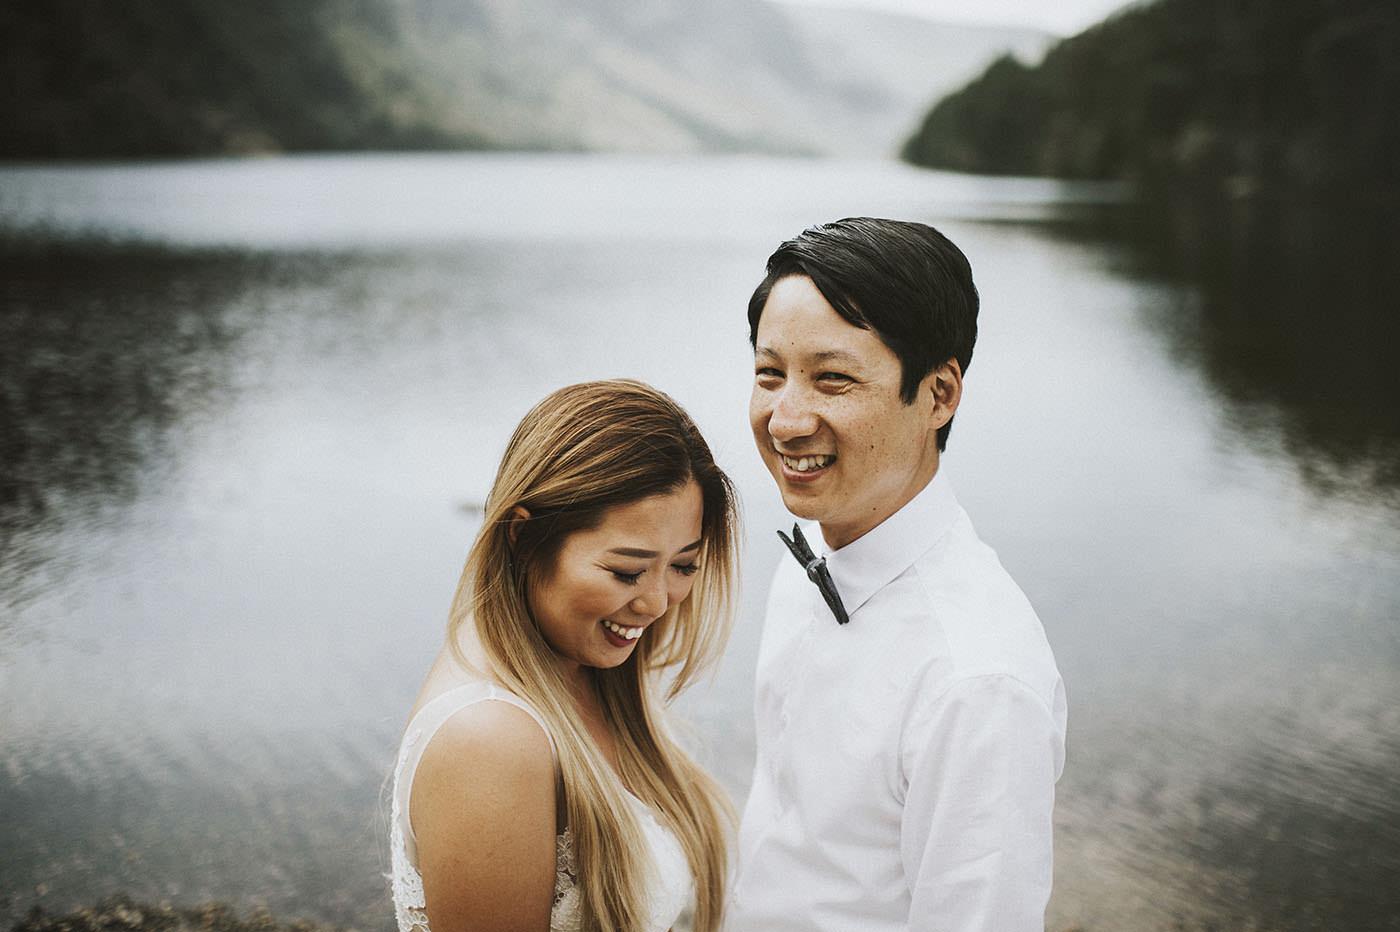 Ireland_wedding_photography075.jpg